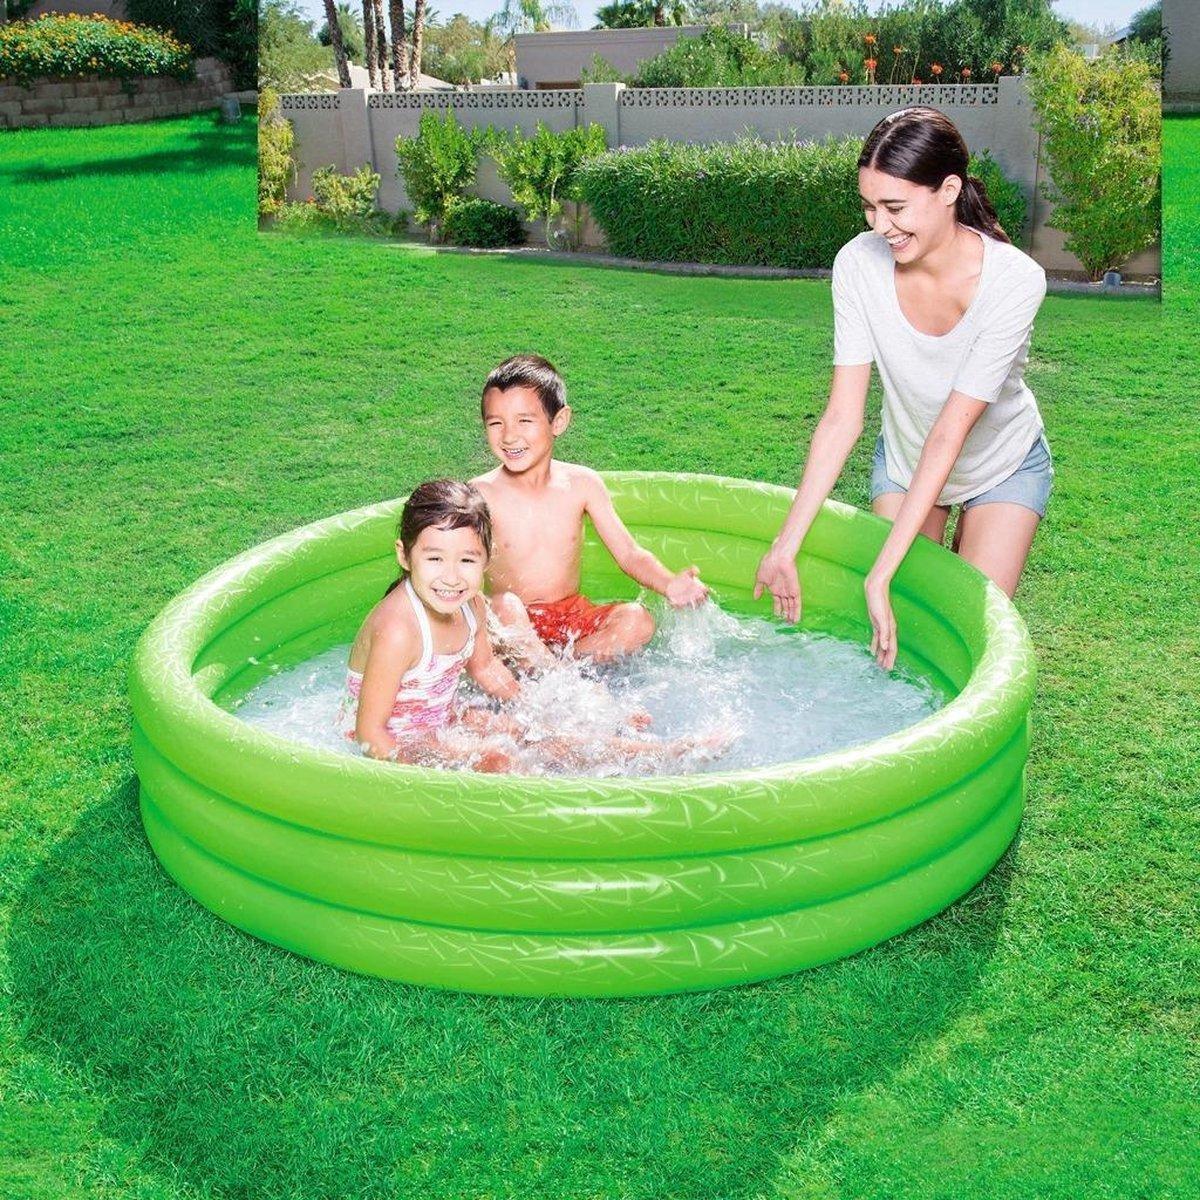 Zwembad rond voor Kinderen en Peuters van Bestway - Groen - 152 x 30 cm - Zwembadje Peuter - Zwembadje Kinderen - Zwembadje Opblaarbaar - Speelzwembad